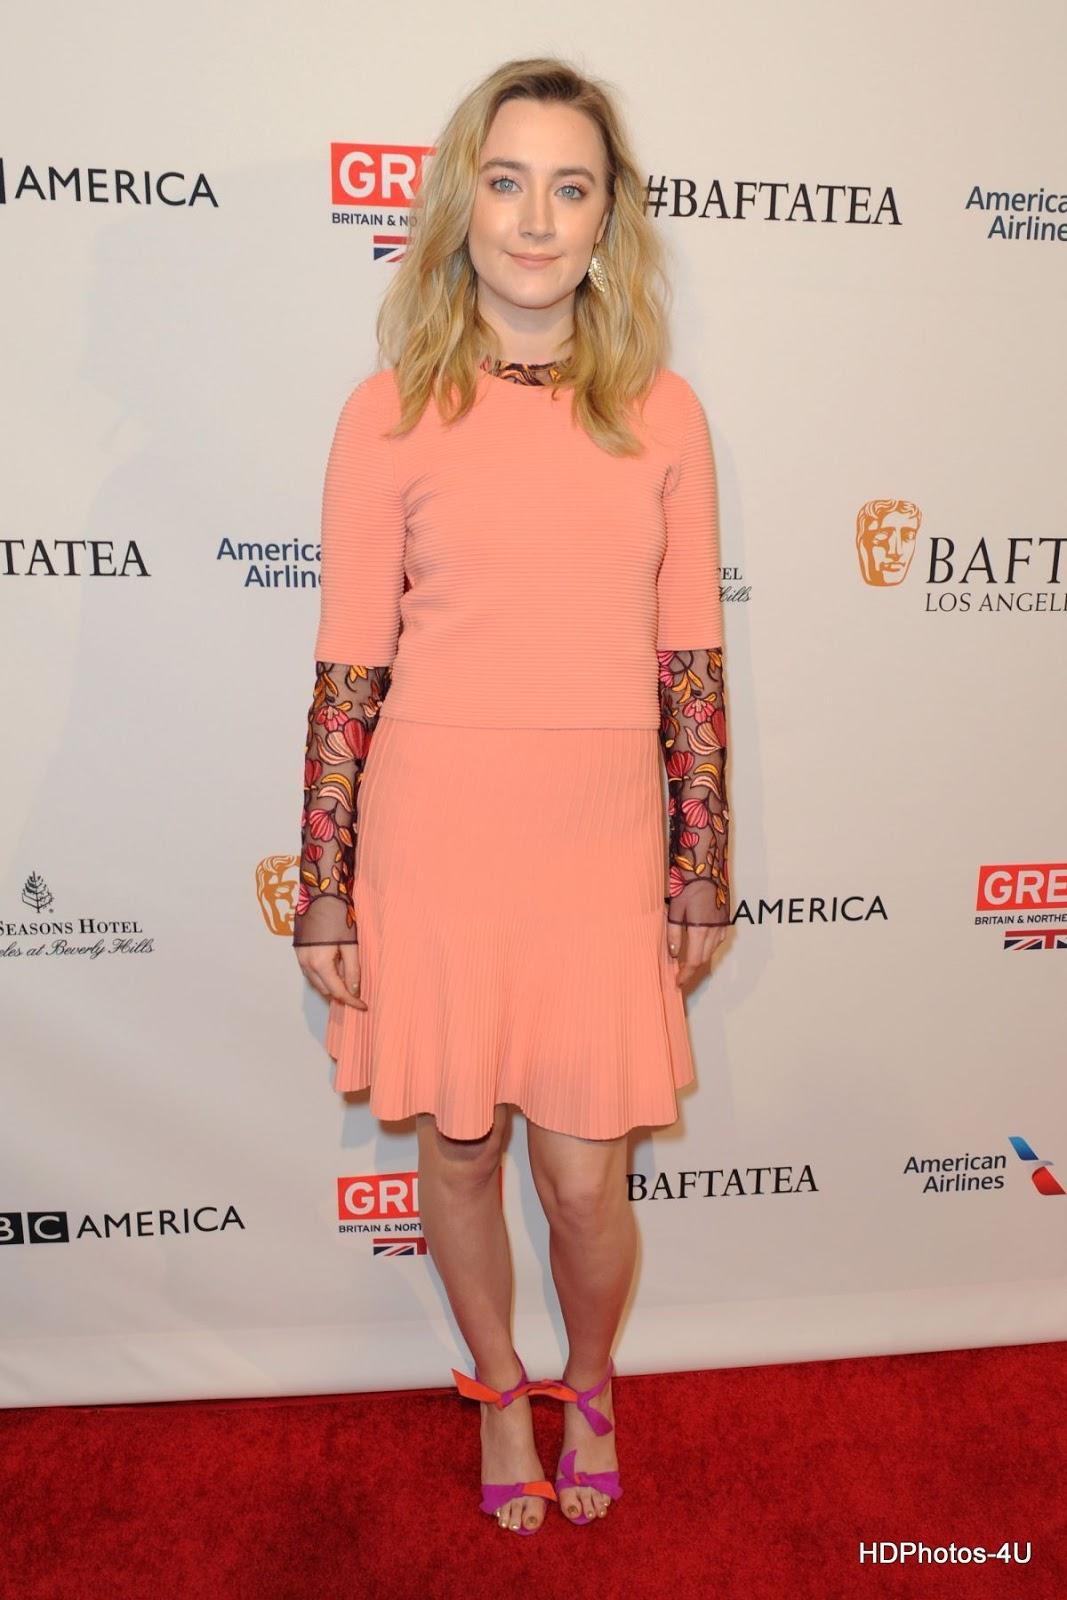 Full HQ Photos of 'Loving Vincent' actress Saoirse Ronan at BAFTA Los Angeles Awards Season Tea in Los Angeles